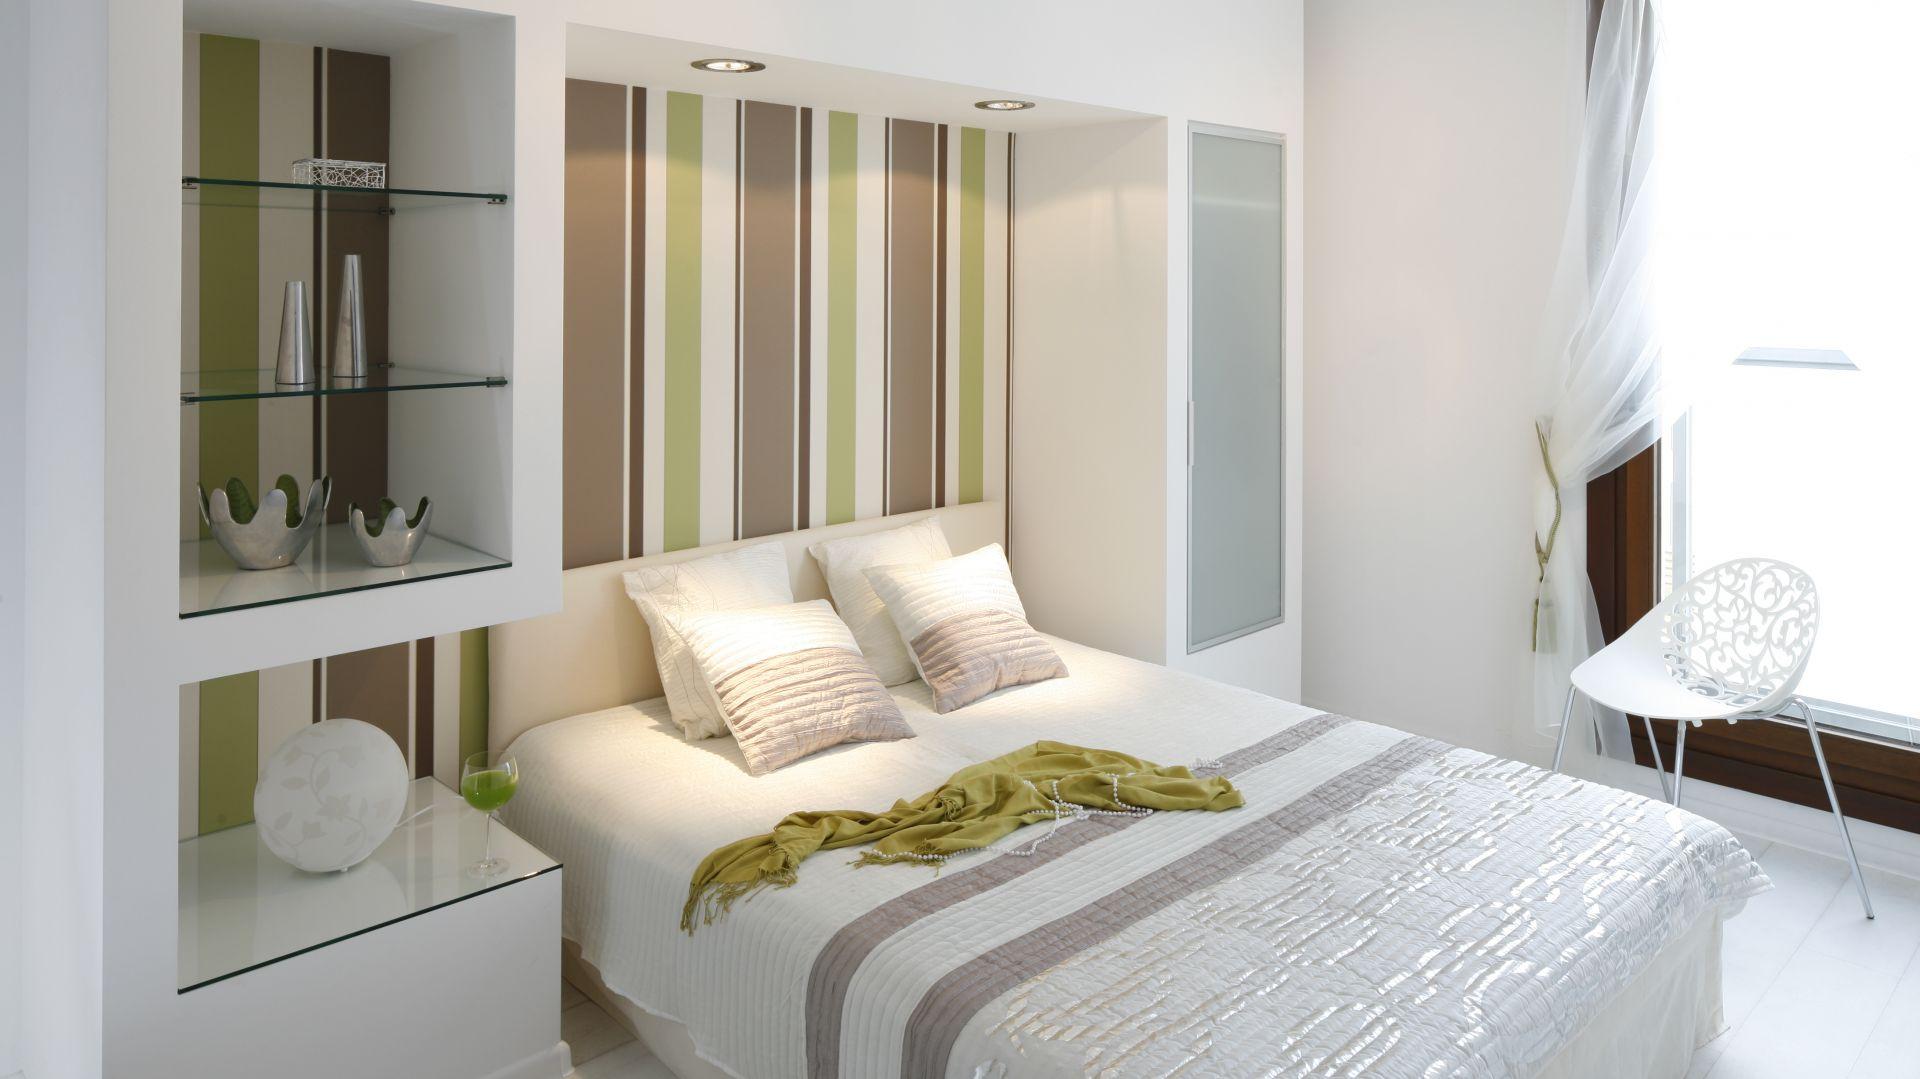 Ciekawym pomysłem w sypialni jest zabudowa za łóżkiem. Dzięki niej sypialnia zyskała oryginalny wygląd i miejsce do przechowywania. Projekt: Jolanta Kwilman, Agnieszka Kobylańska. Fot. Bartosz Jarosz